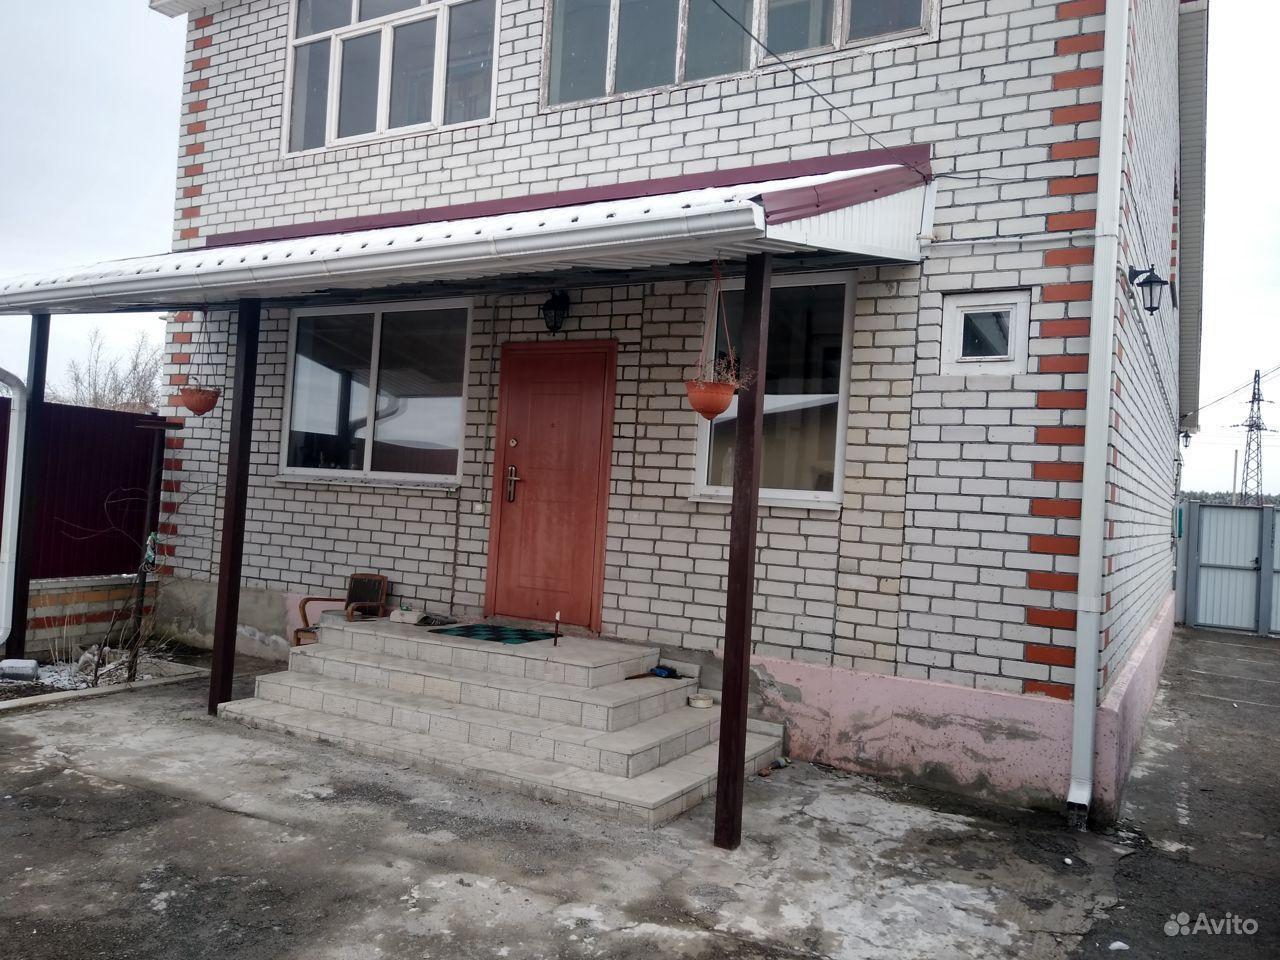 Коттедж на продажу по адресу Россия, Белгородская область, Старооскольский р-н, Котово село